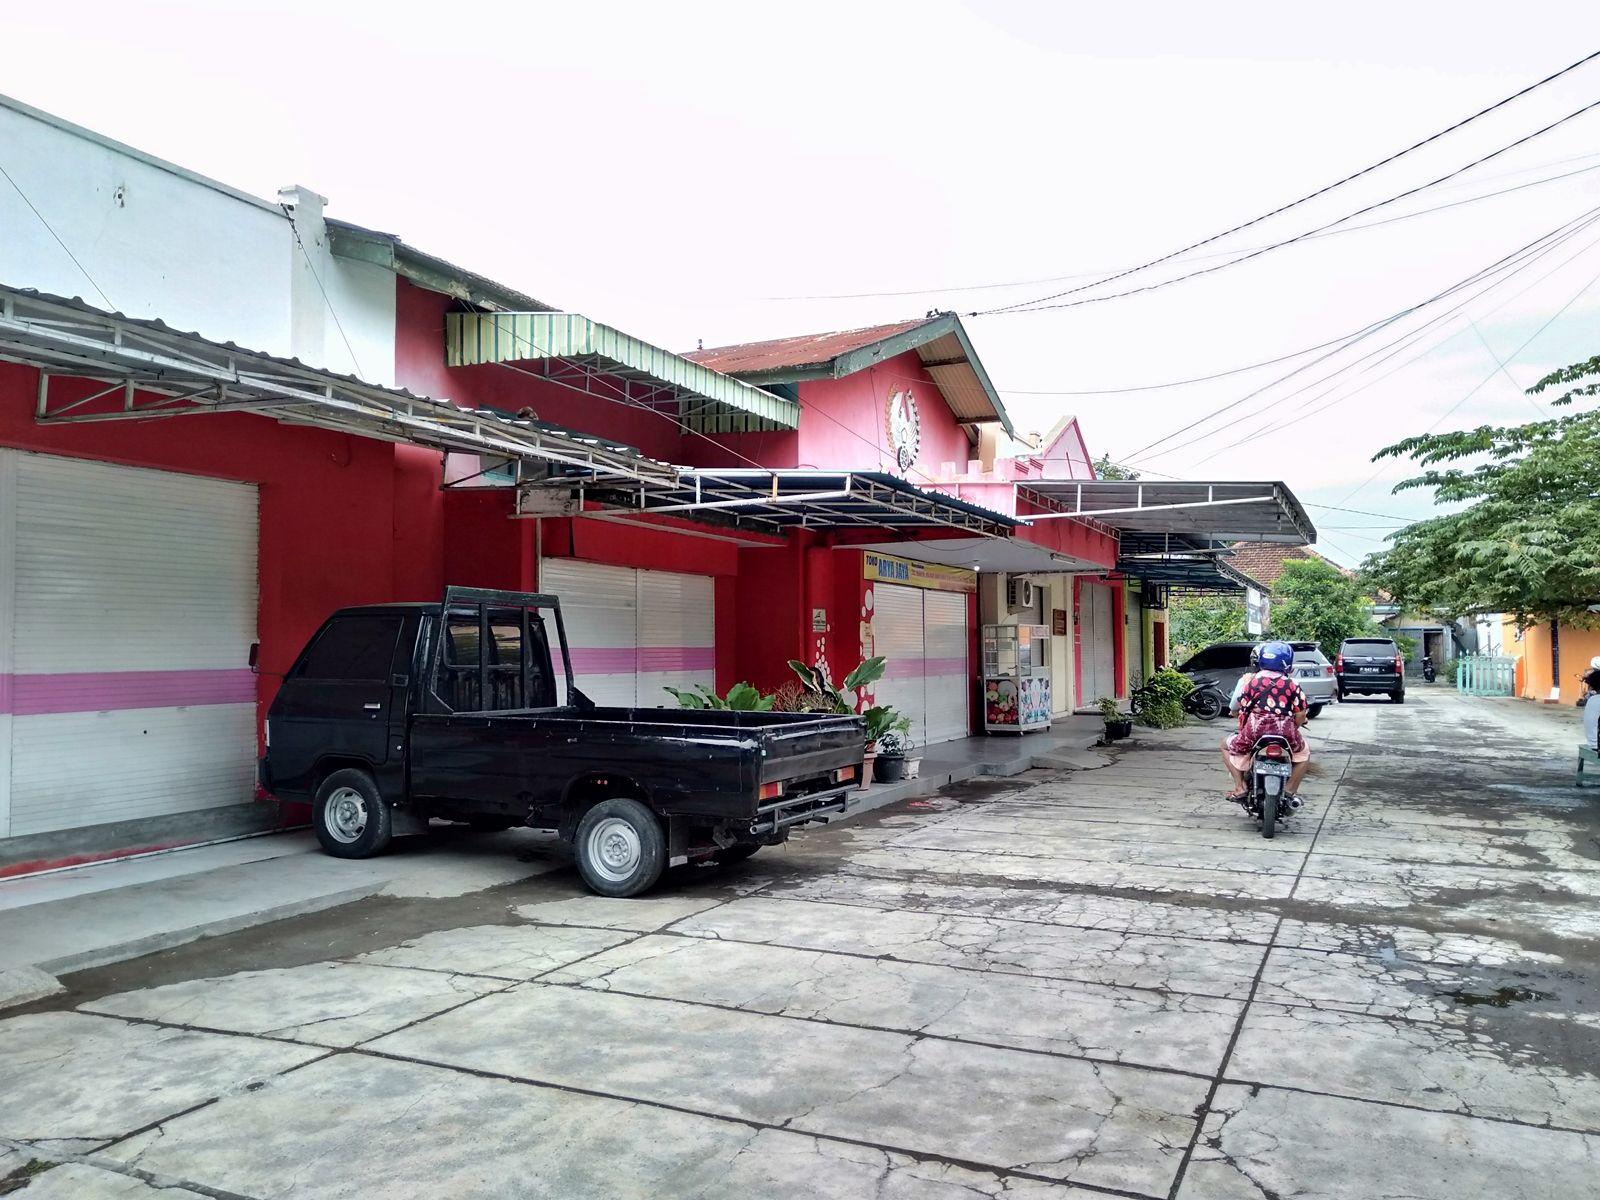 bagian depan stasiun banyuwangi lama